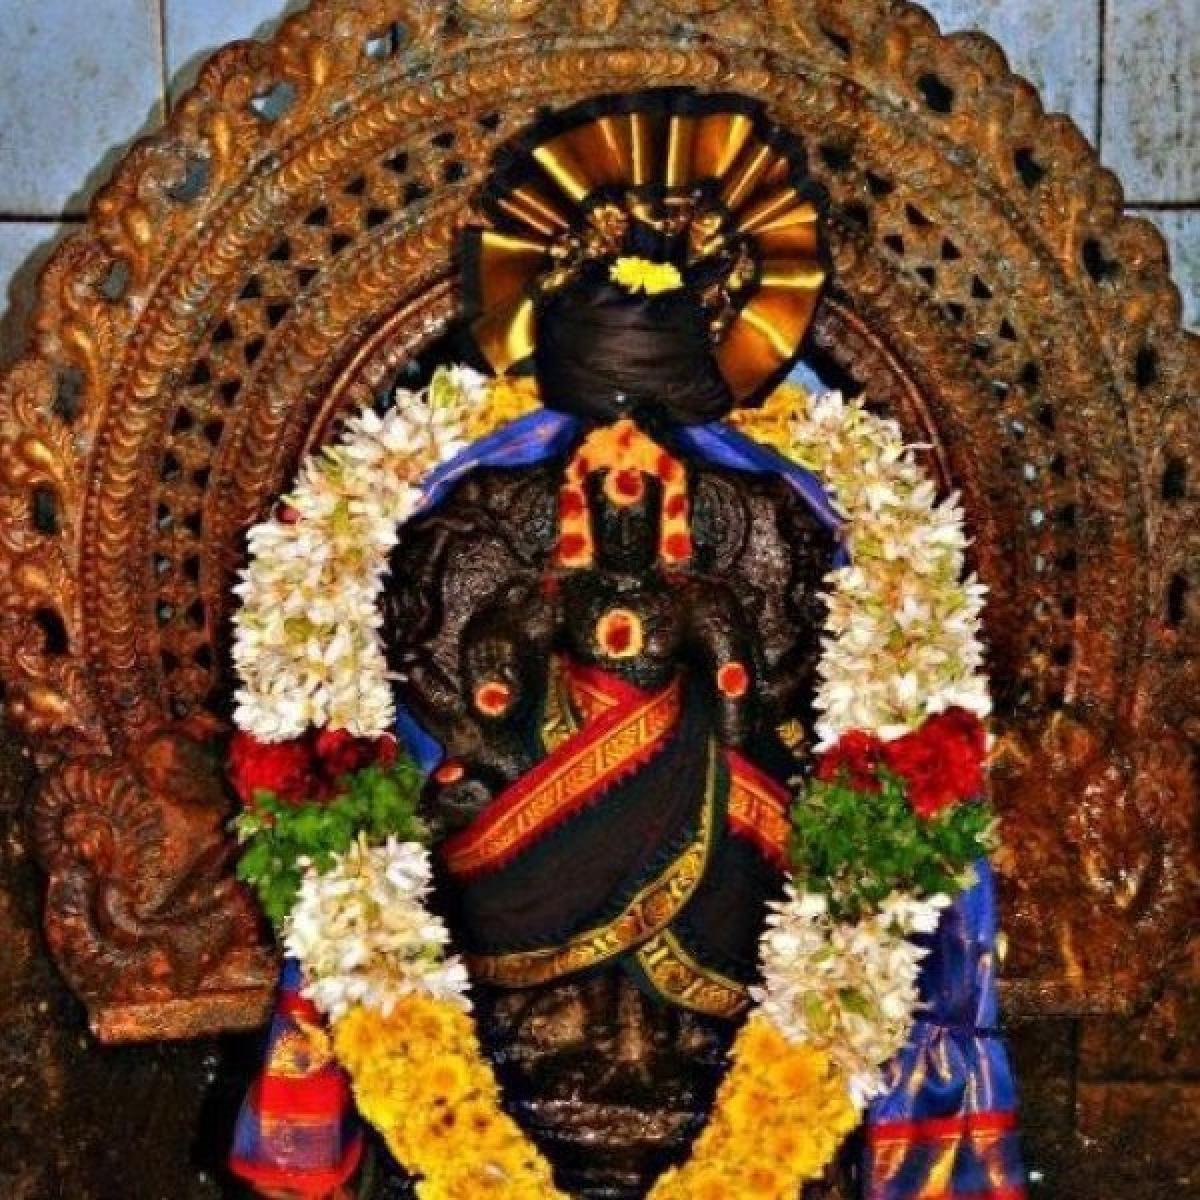 500 ஆண்டுகளுக்குப் பிறகு ஆடுமேய்க்கும் சிறுவர்களால் கண்டுபிடிக்கப்பட்ட யந்திர சனீஸ்வரர் கோயில்!